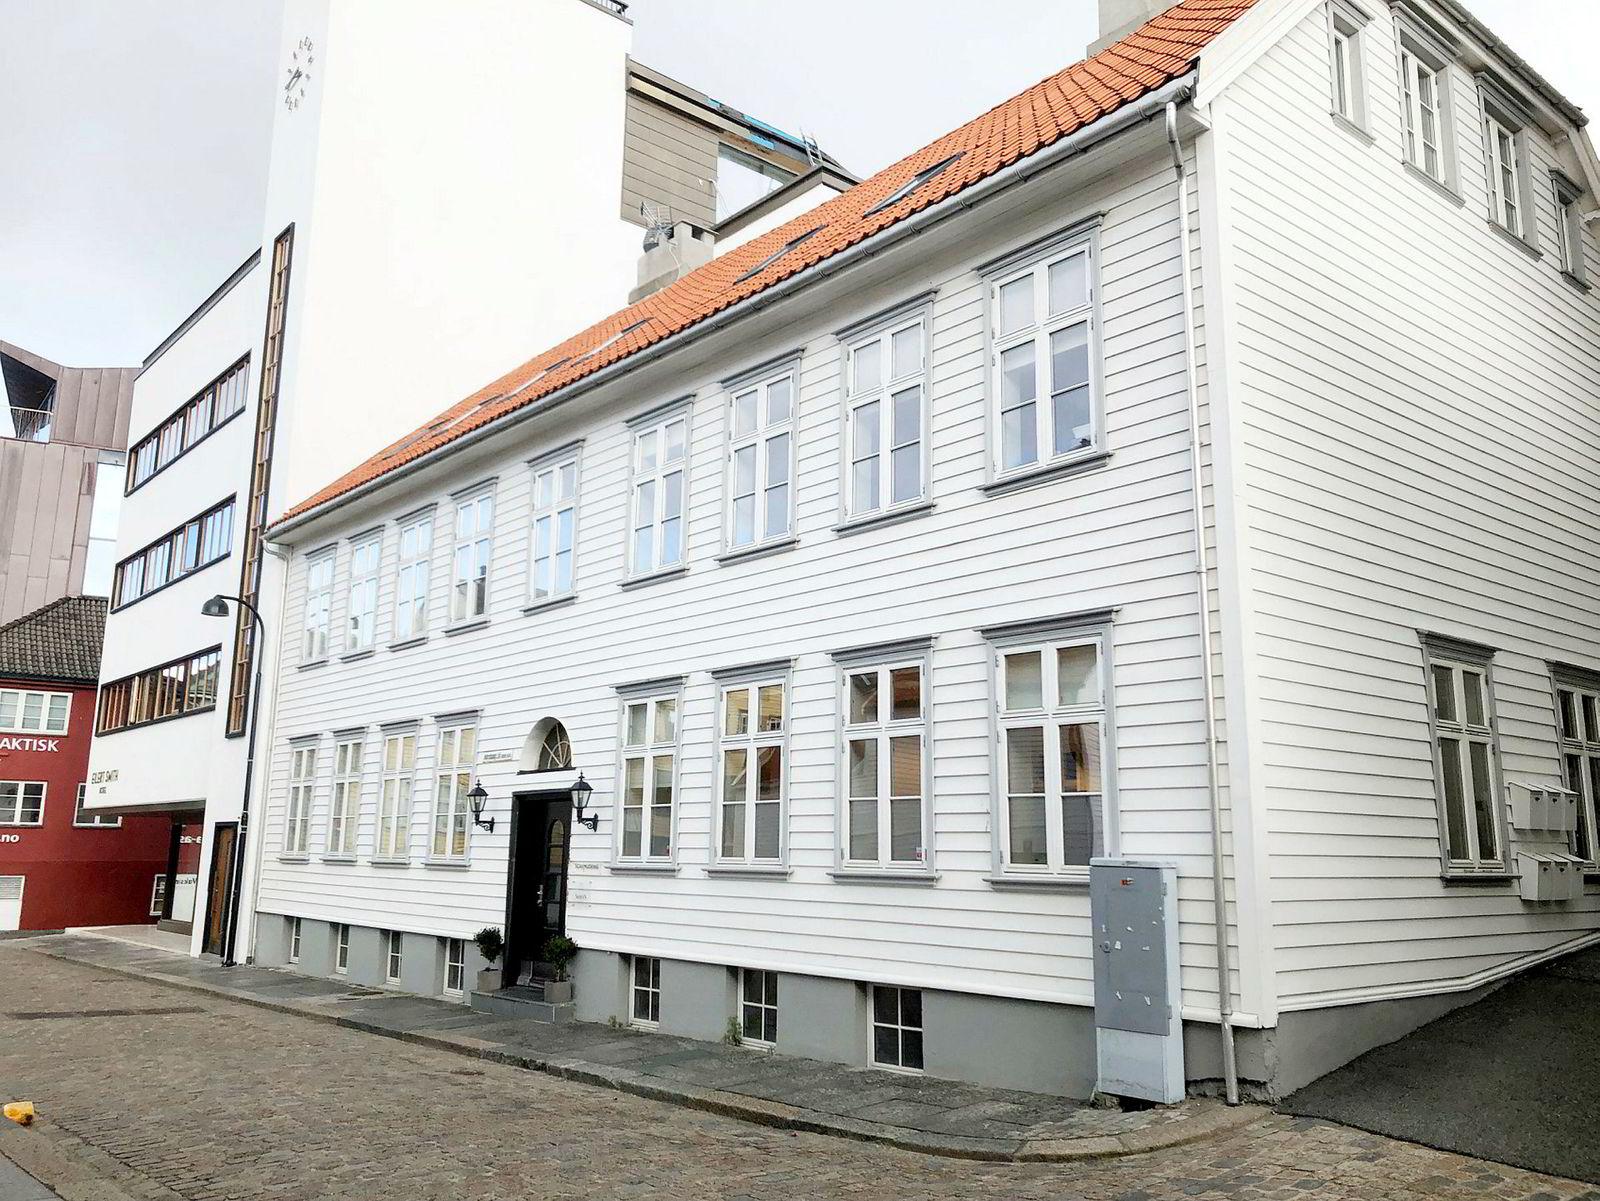 Det er tomt på kontoret til Torjussens holdingselskap i Nordbøgata 10 i Stavanger